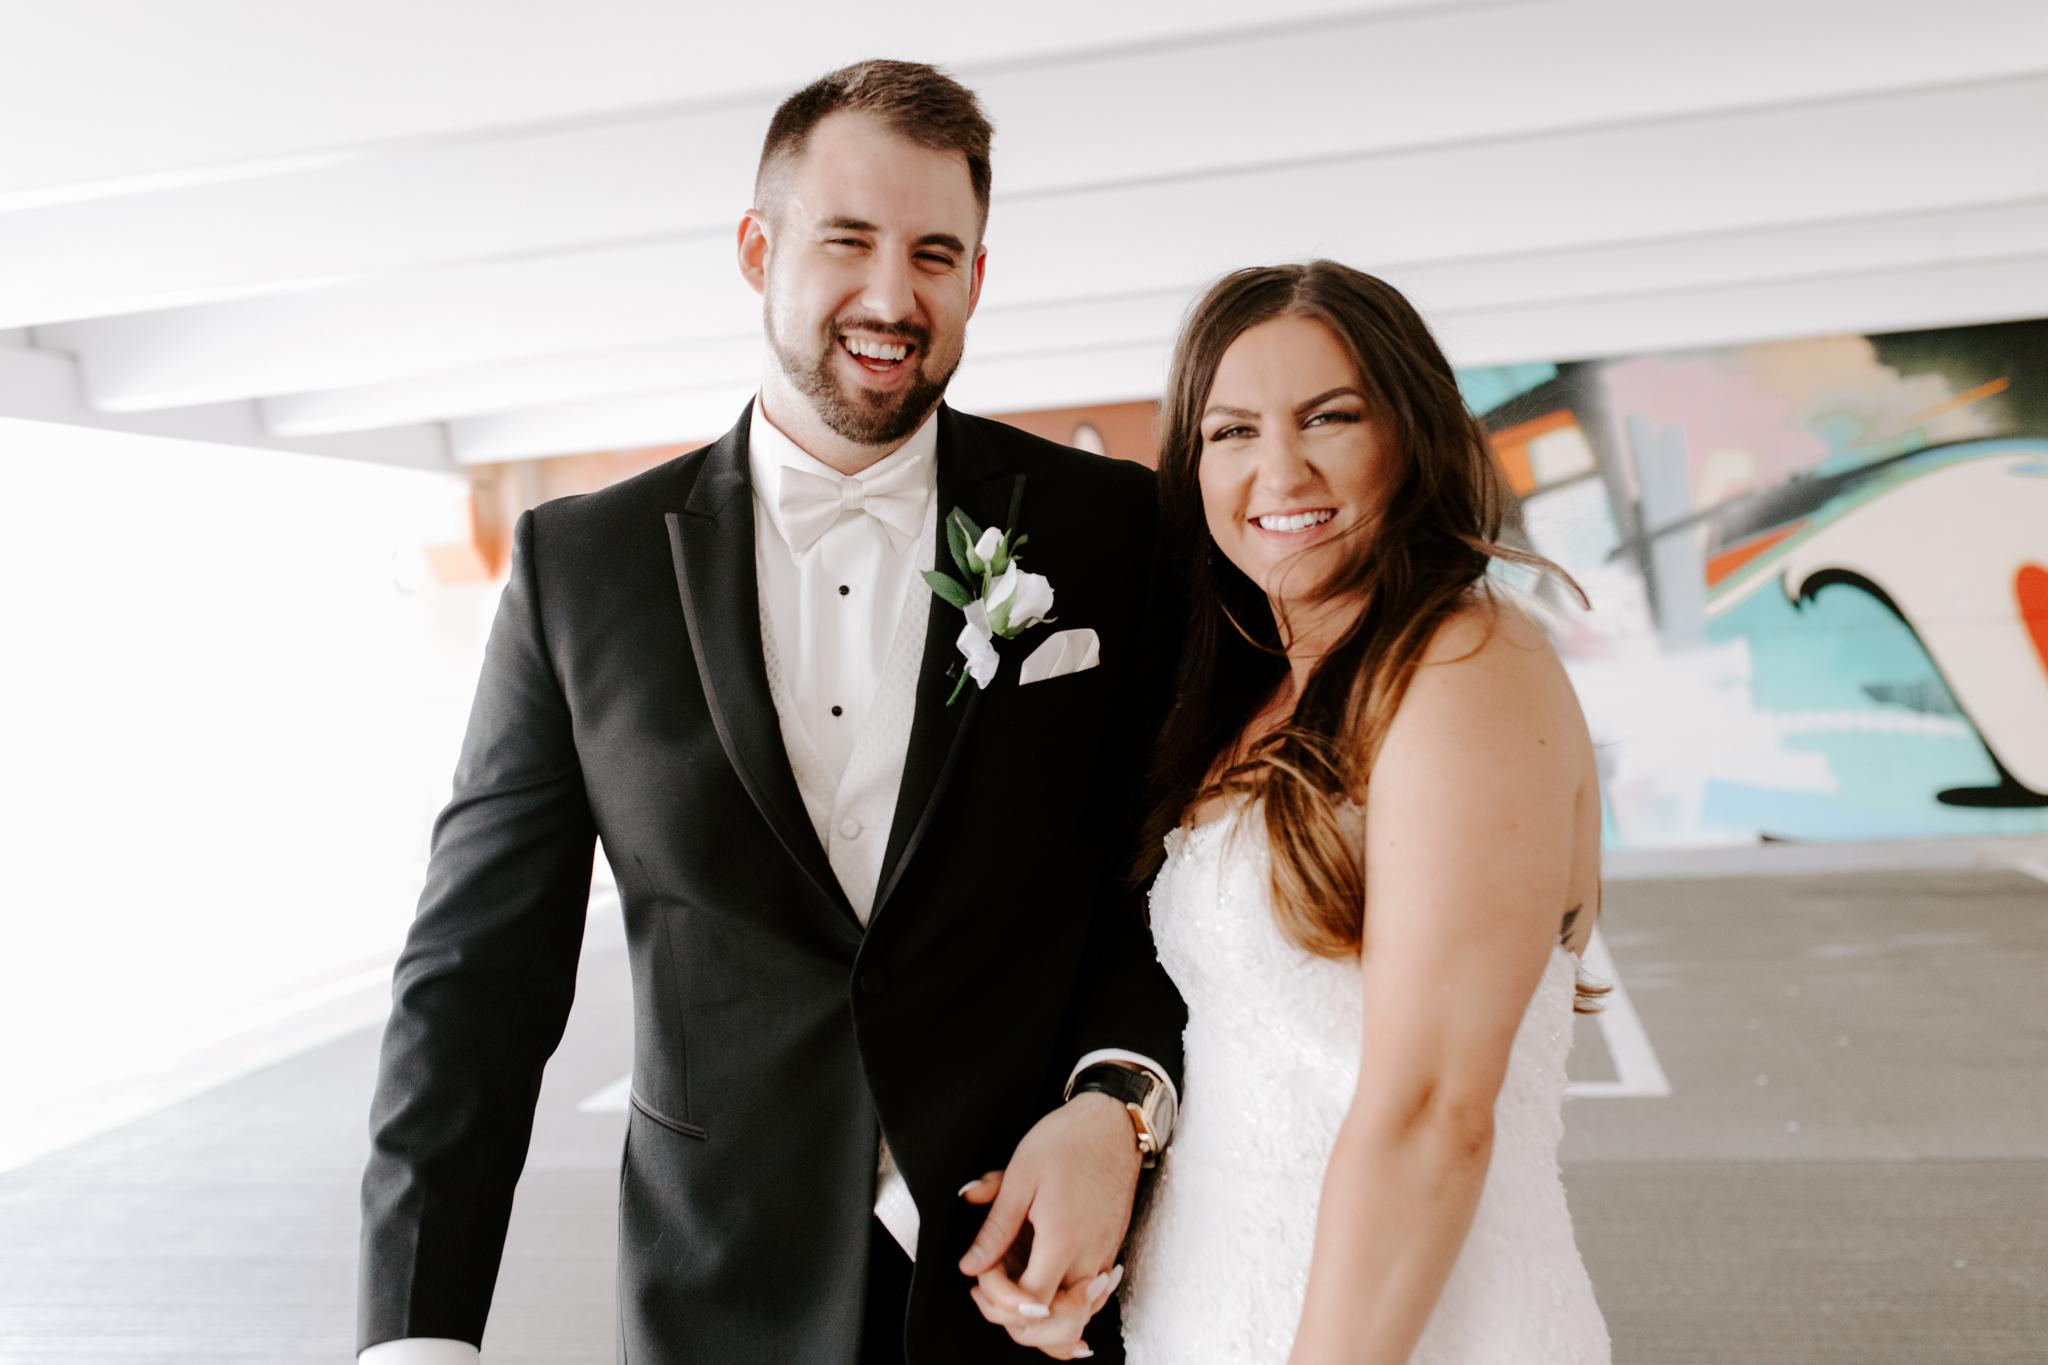 detroit-michigan-wedding-photographer-watermark (39 of 74).jpg